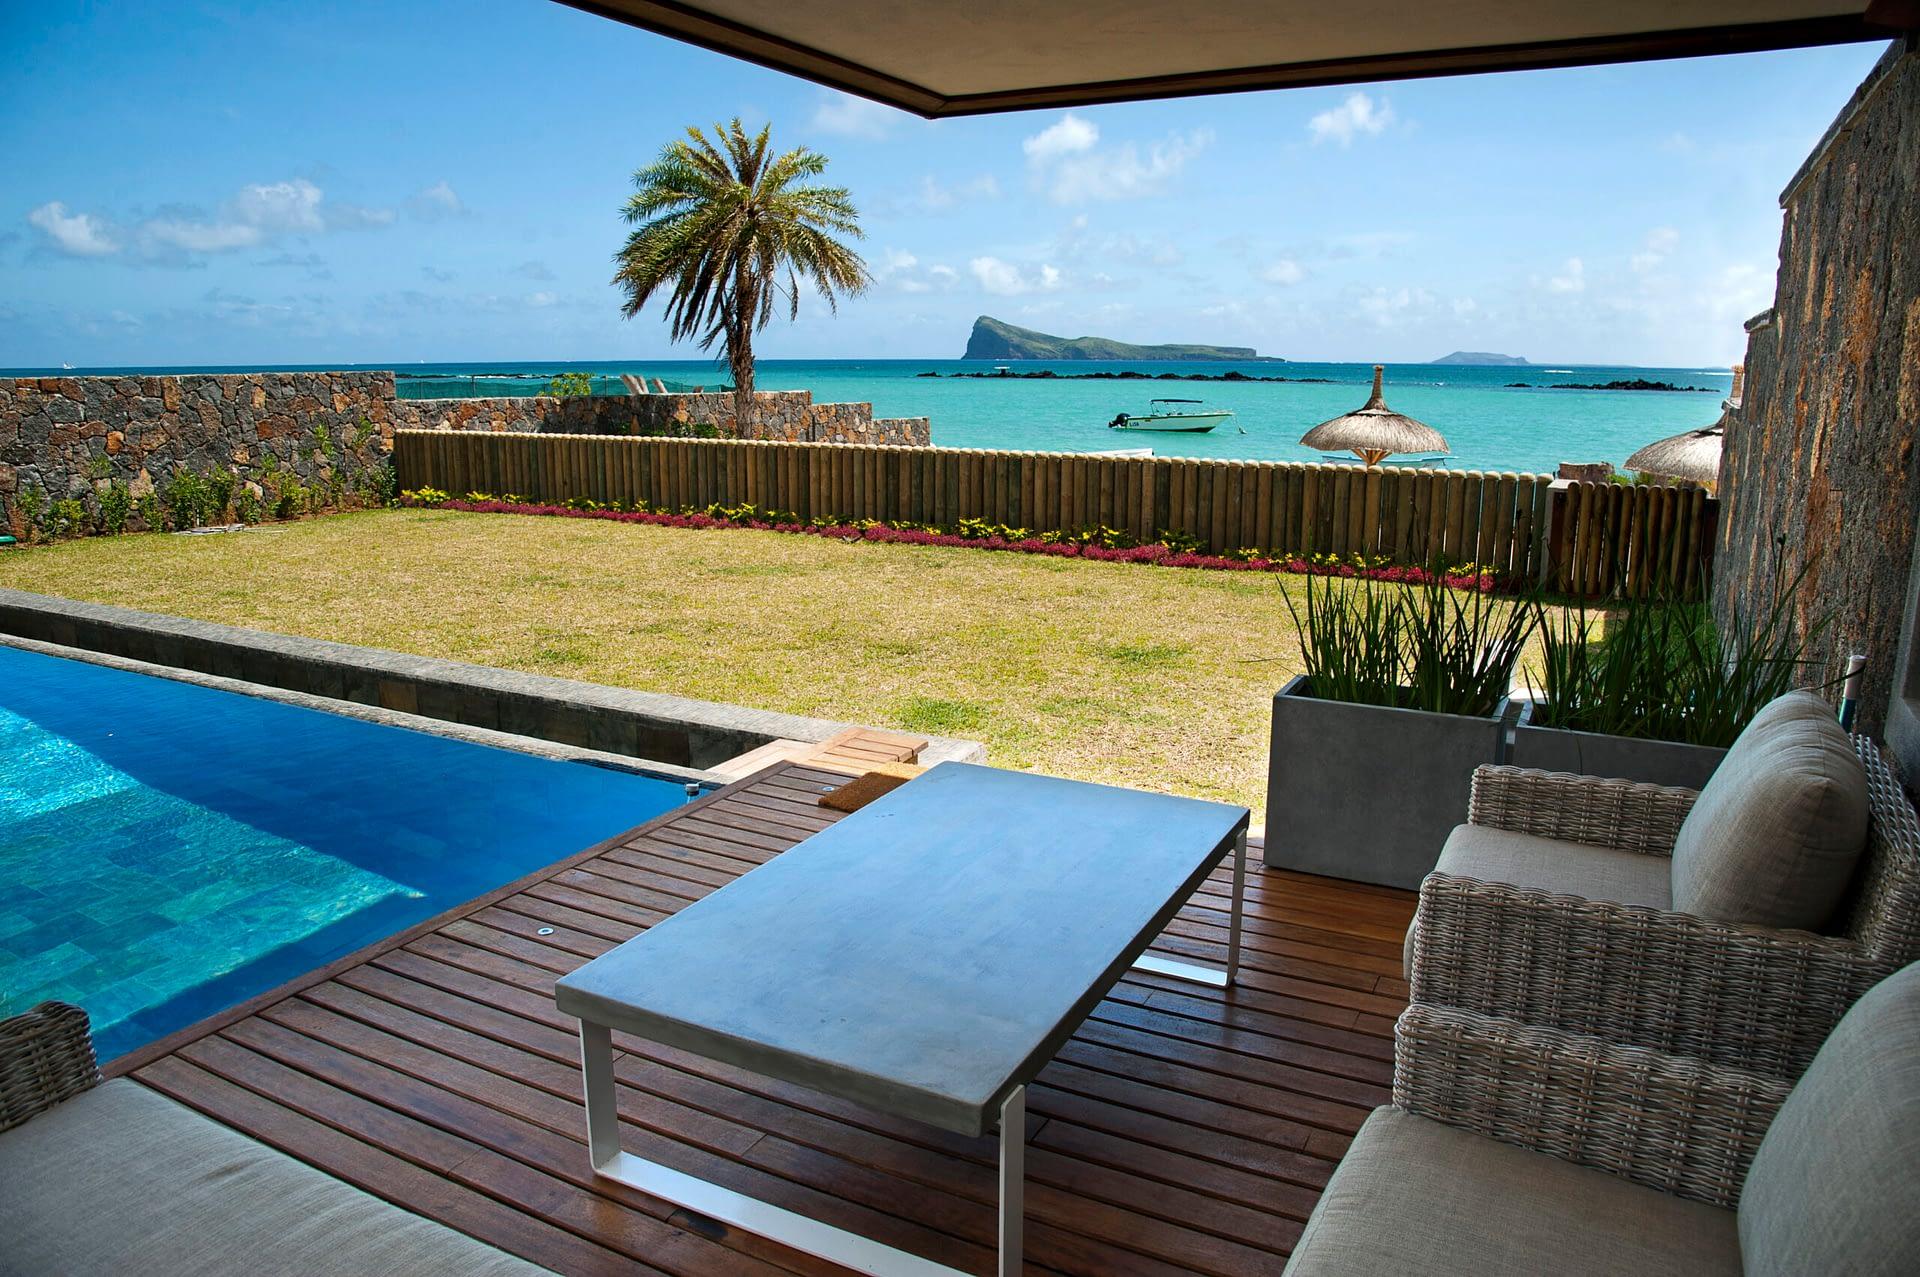 Villa Coralie private pool kiosk